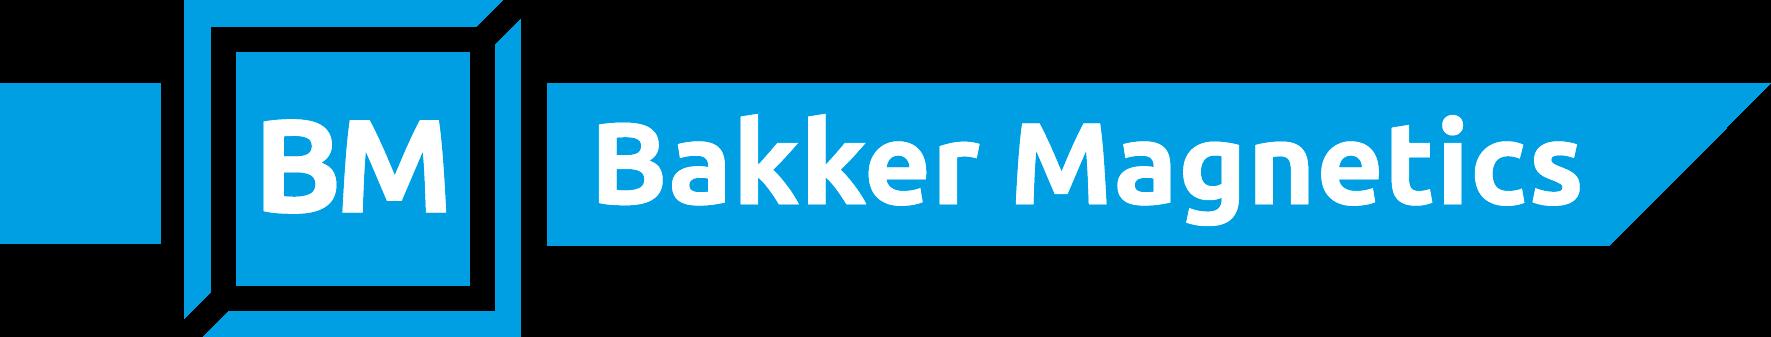 Bakker Magnetics |